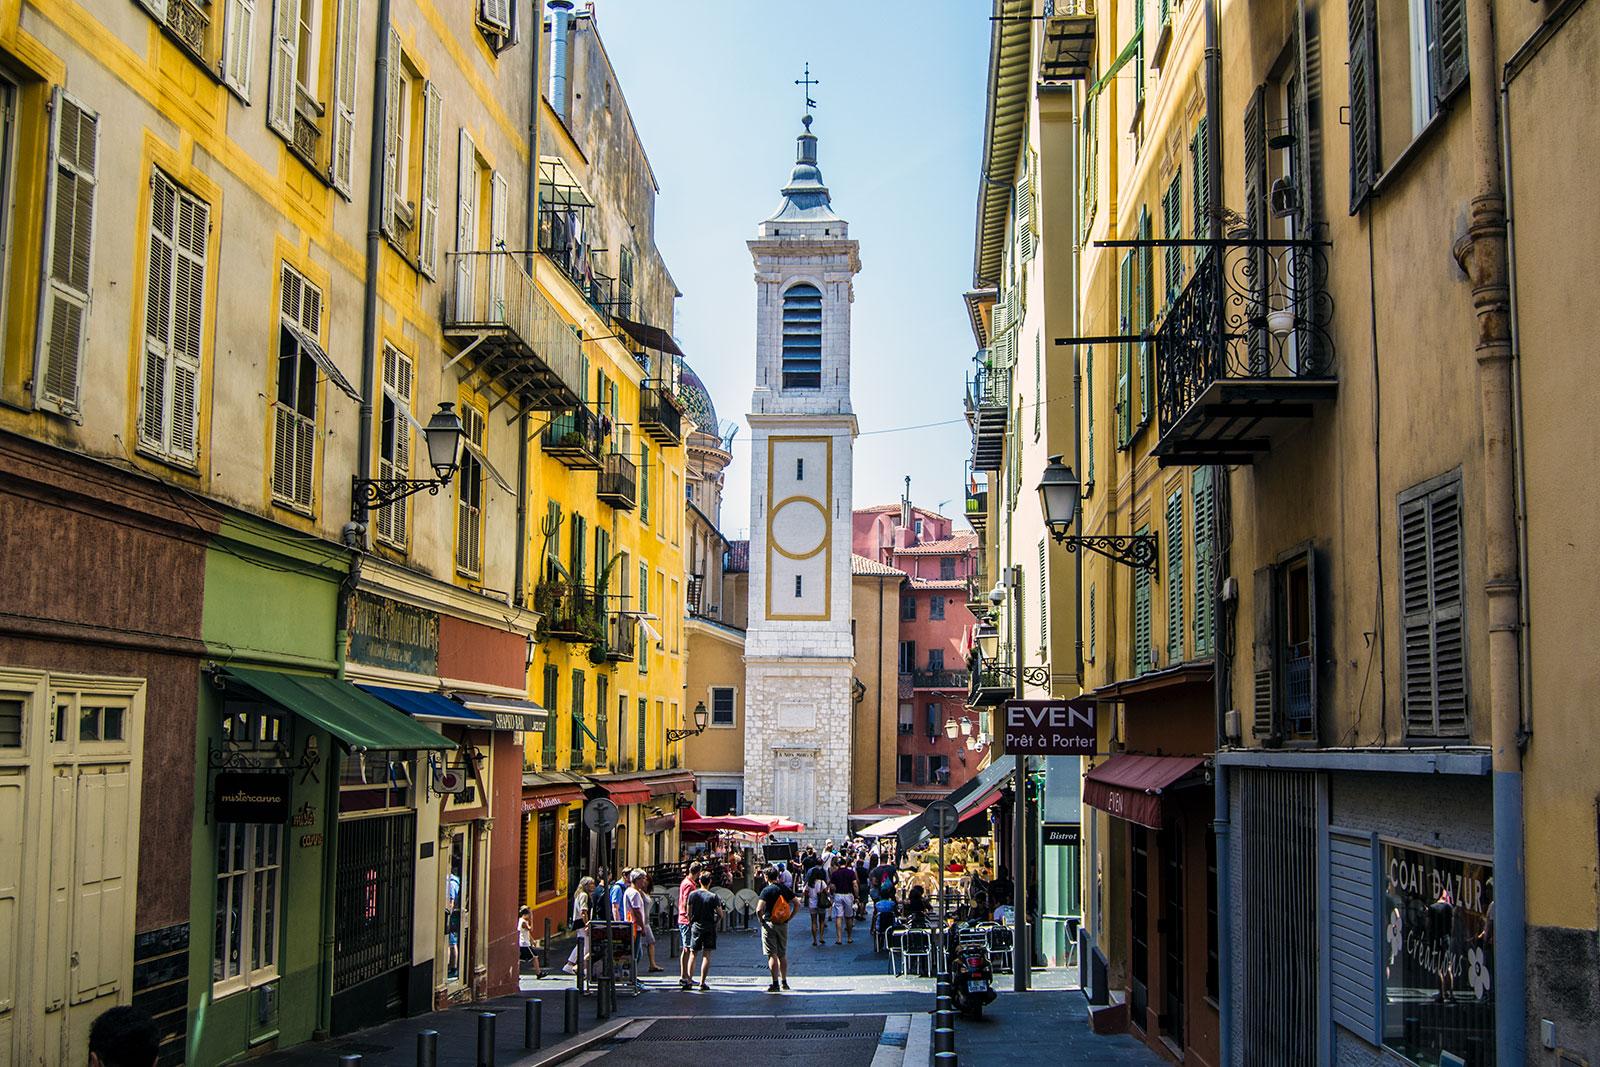 Basílica Catedral de Santa María y Santa Reparata - una mañana en Niza